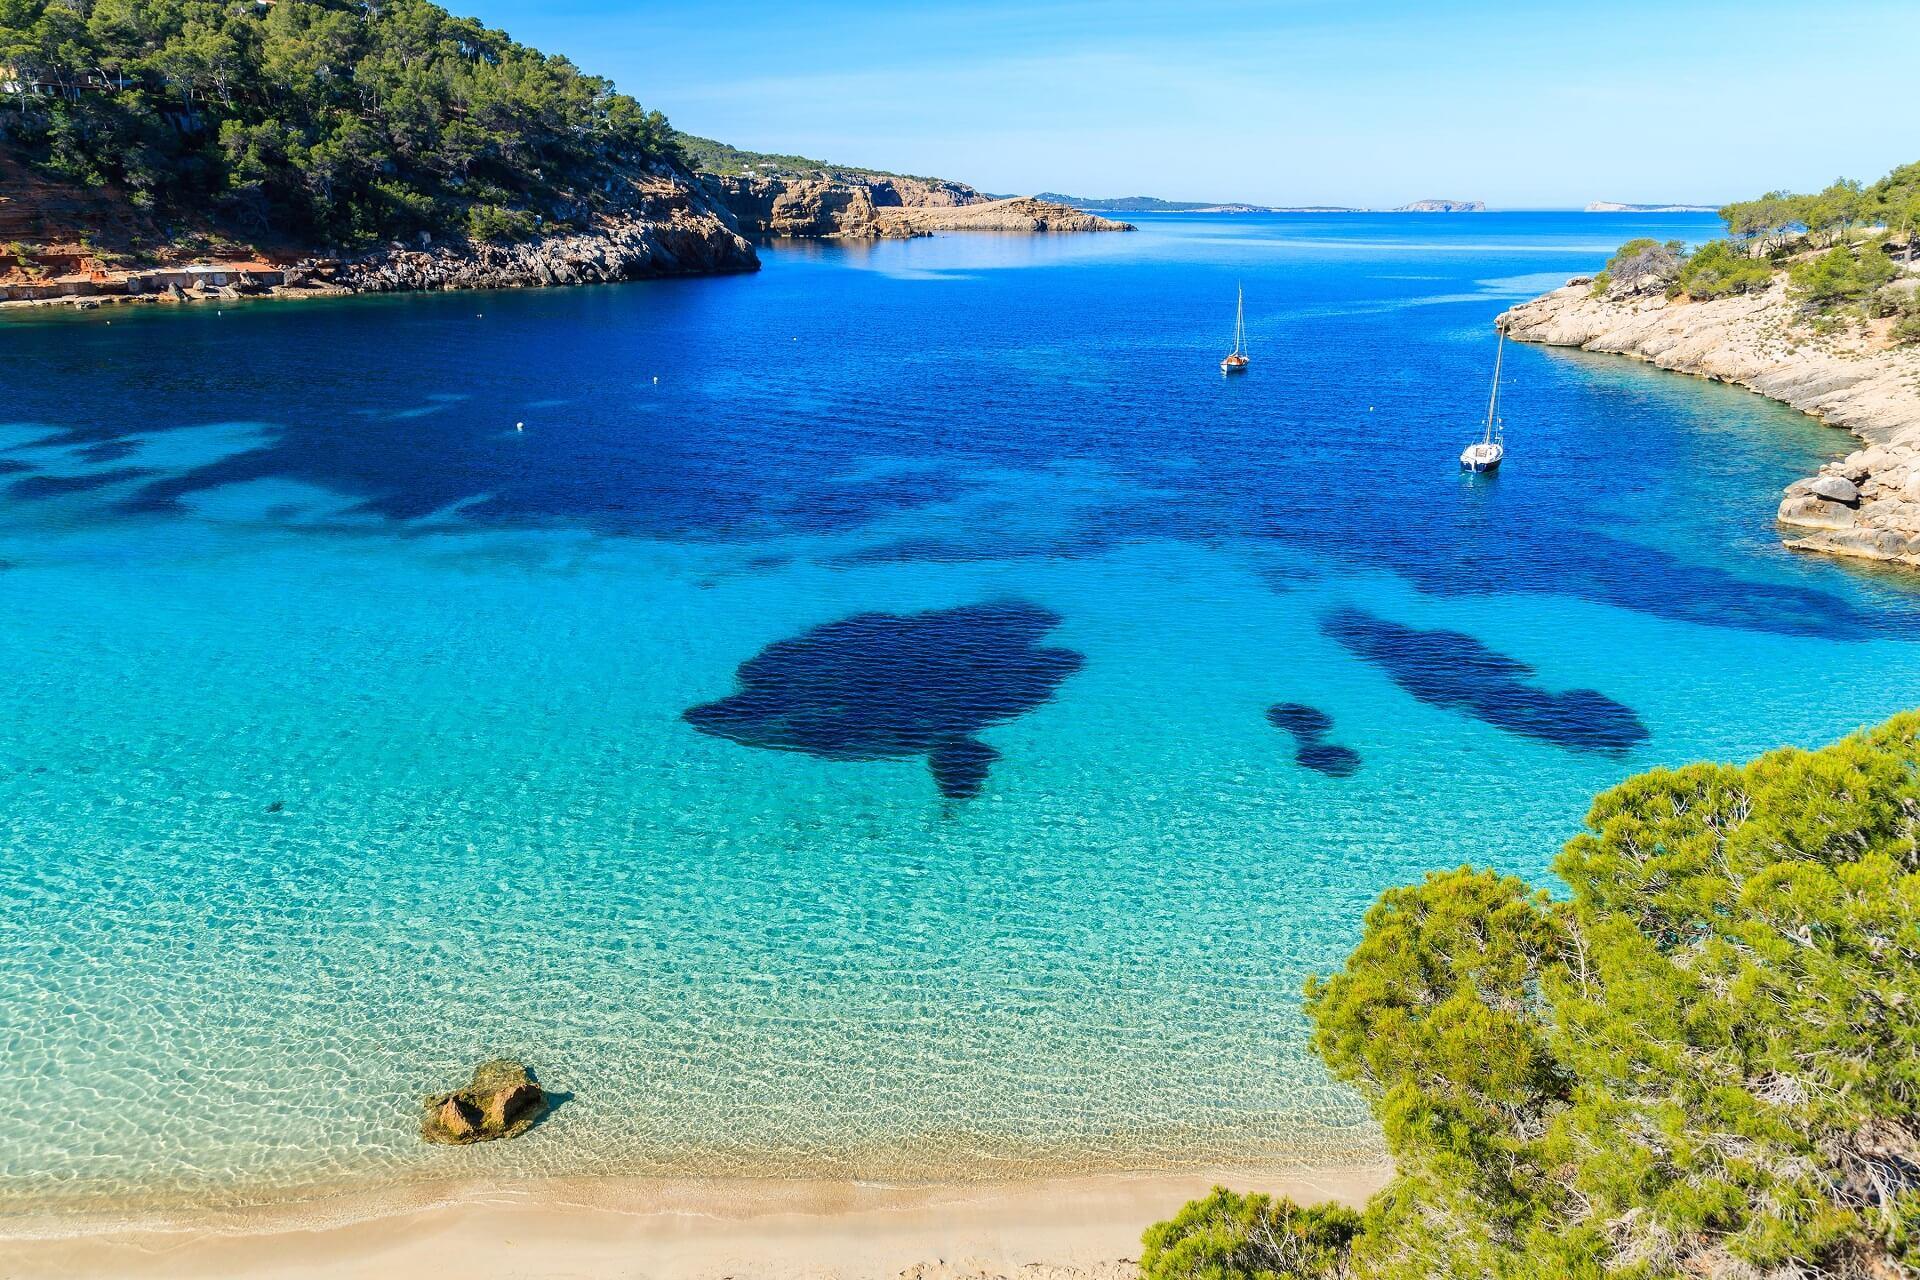 Der Strand Cala Salada auf biza gehört zu den schönsten Stränden auf Ibiza